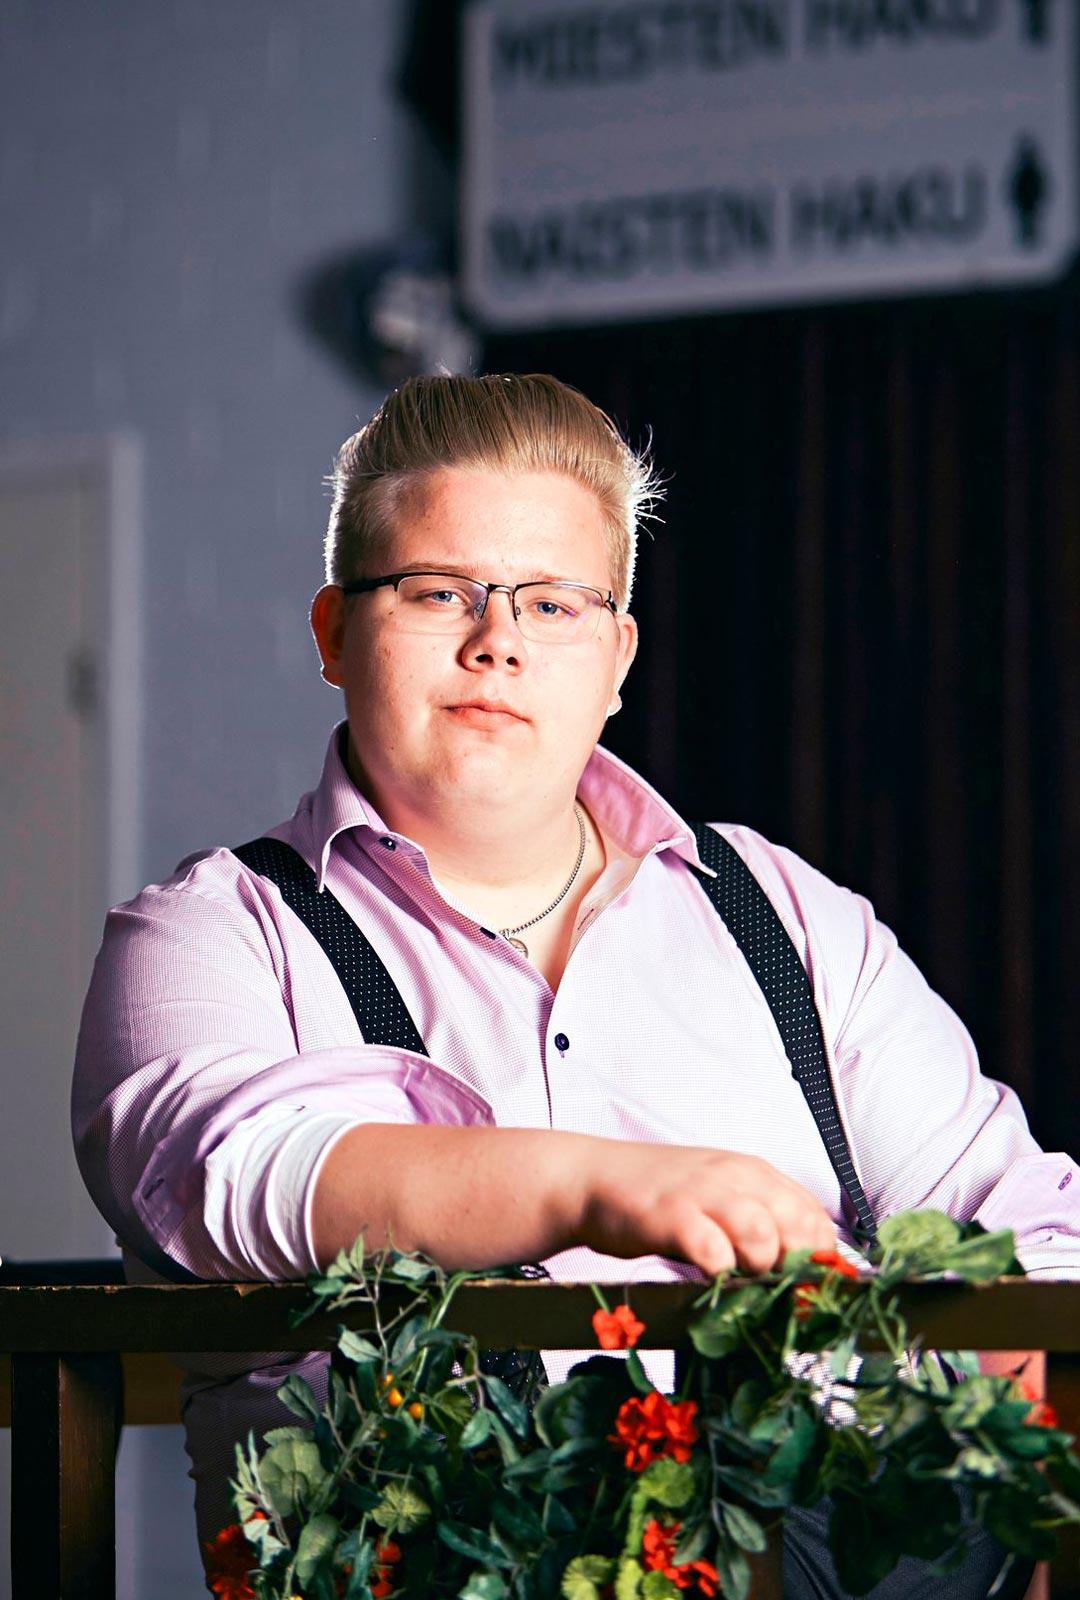 Henri harjoittelee laulamista joka viikko kotinsa lähellä sijaitsevassa Häijään Tanssikrouvissa, jonka tanssit ovat tällä hetkellä kesätauolla.